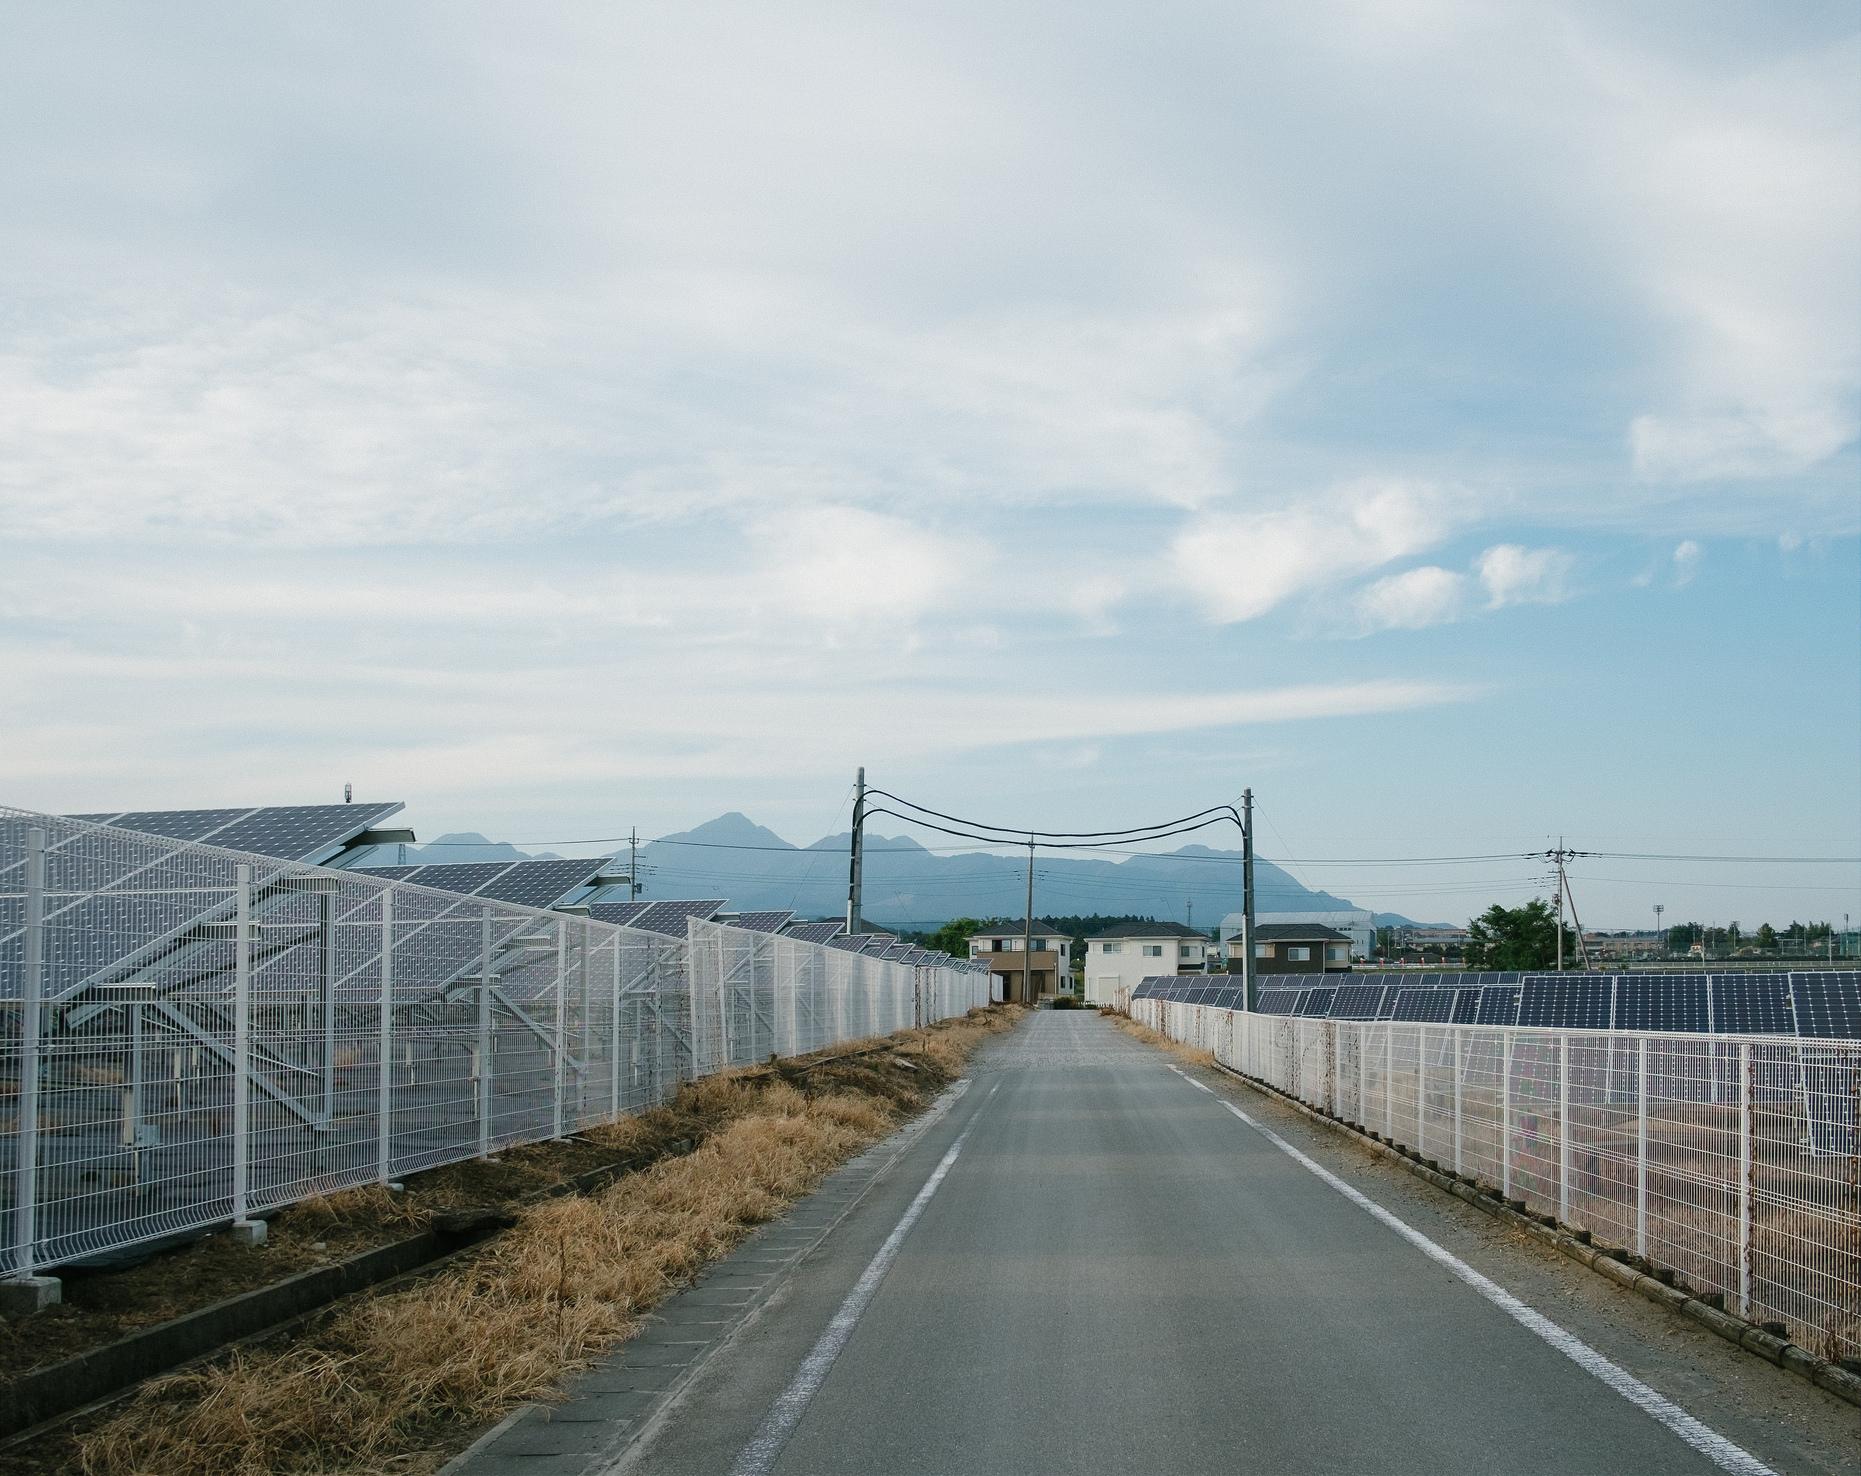 Japan embraces renewable energy as dozens of towns go off-grid